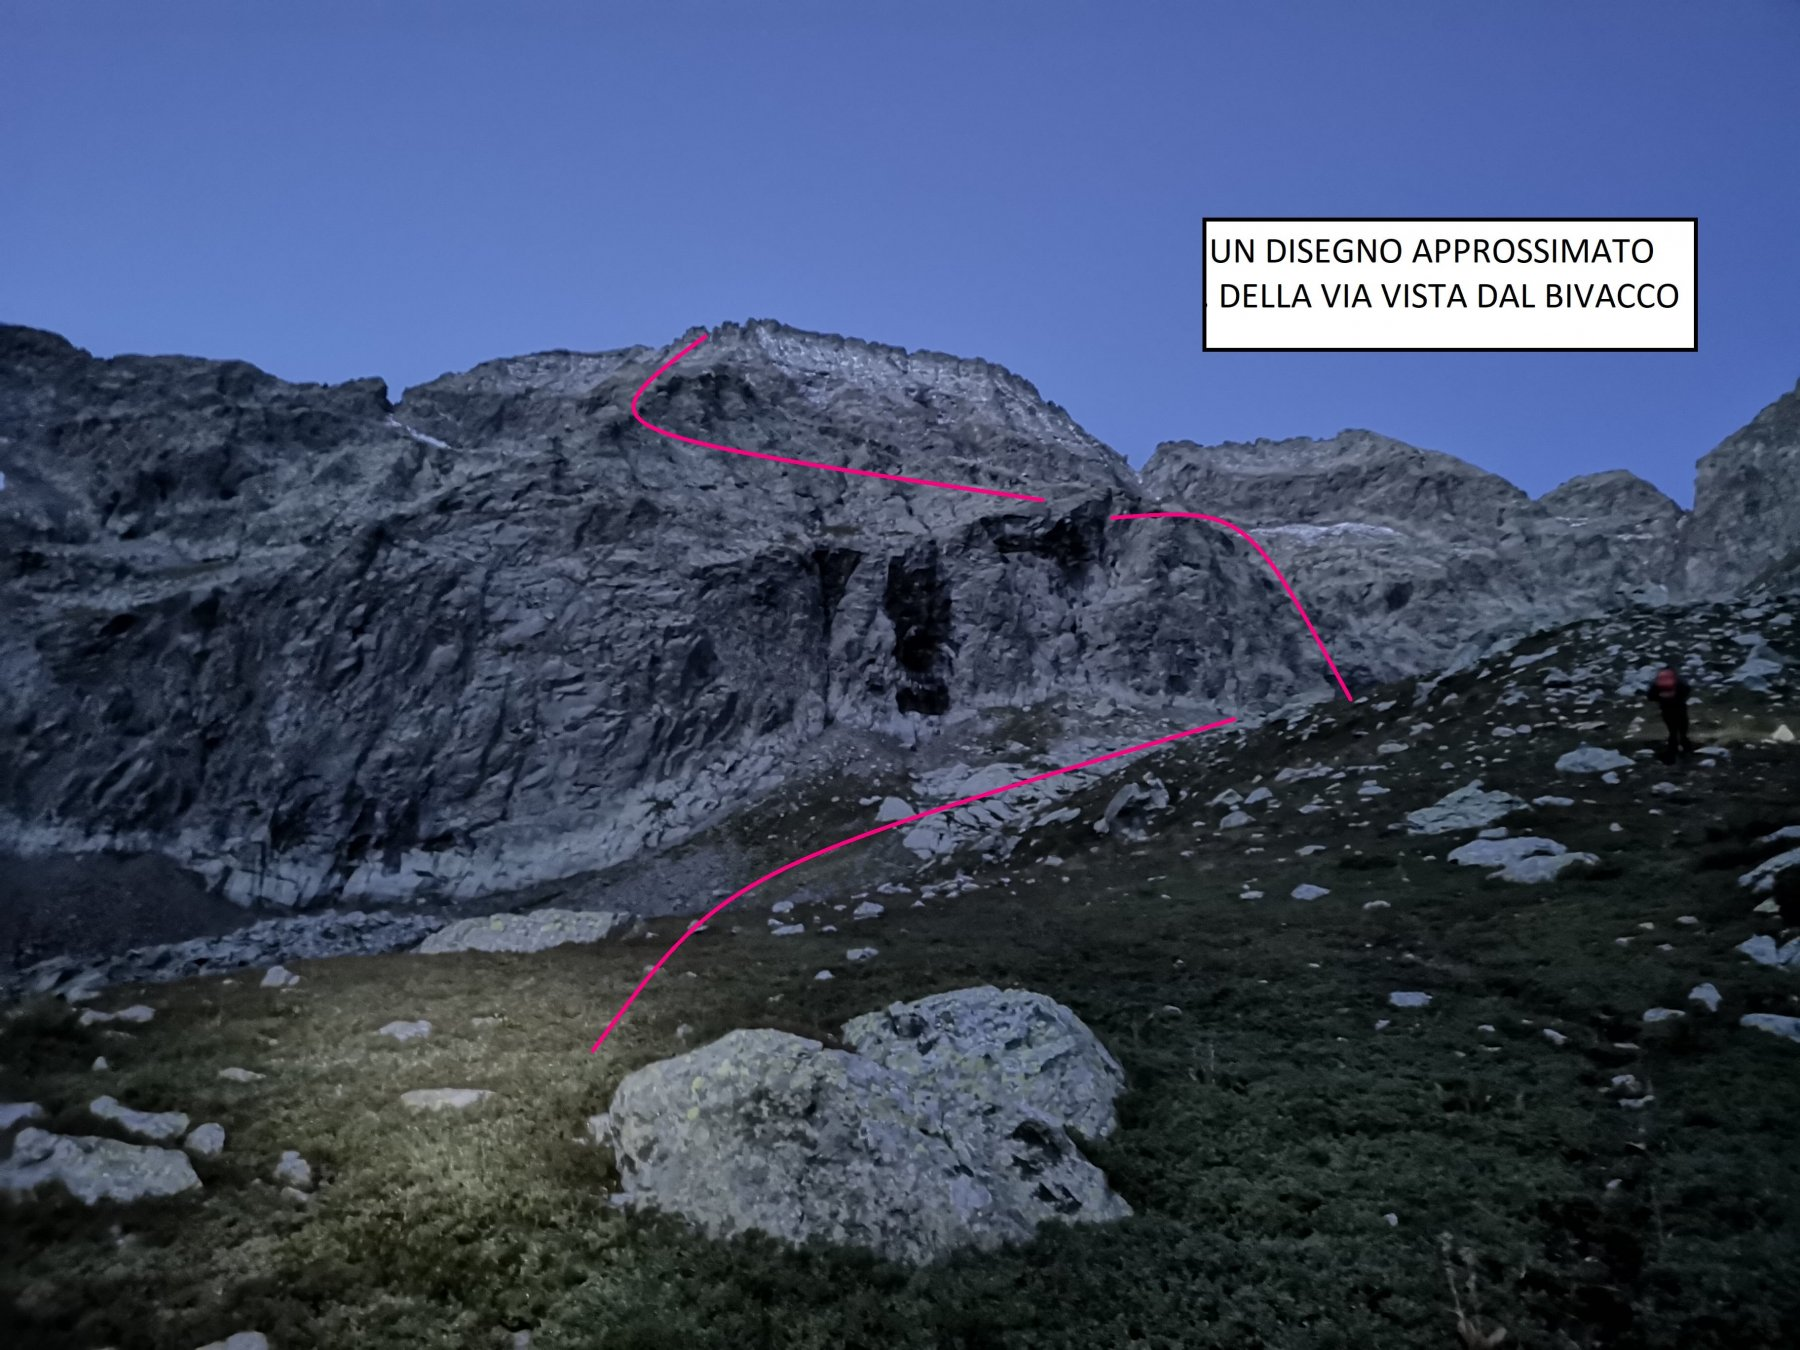 La via, come appare dal Bivacco Gandolfo.